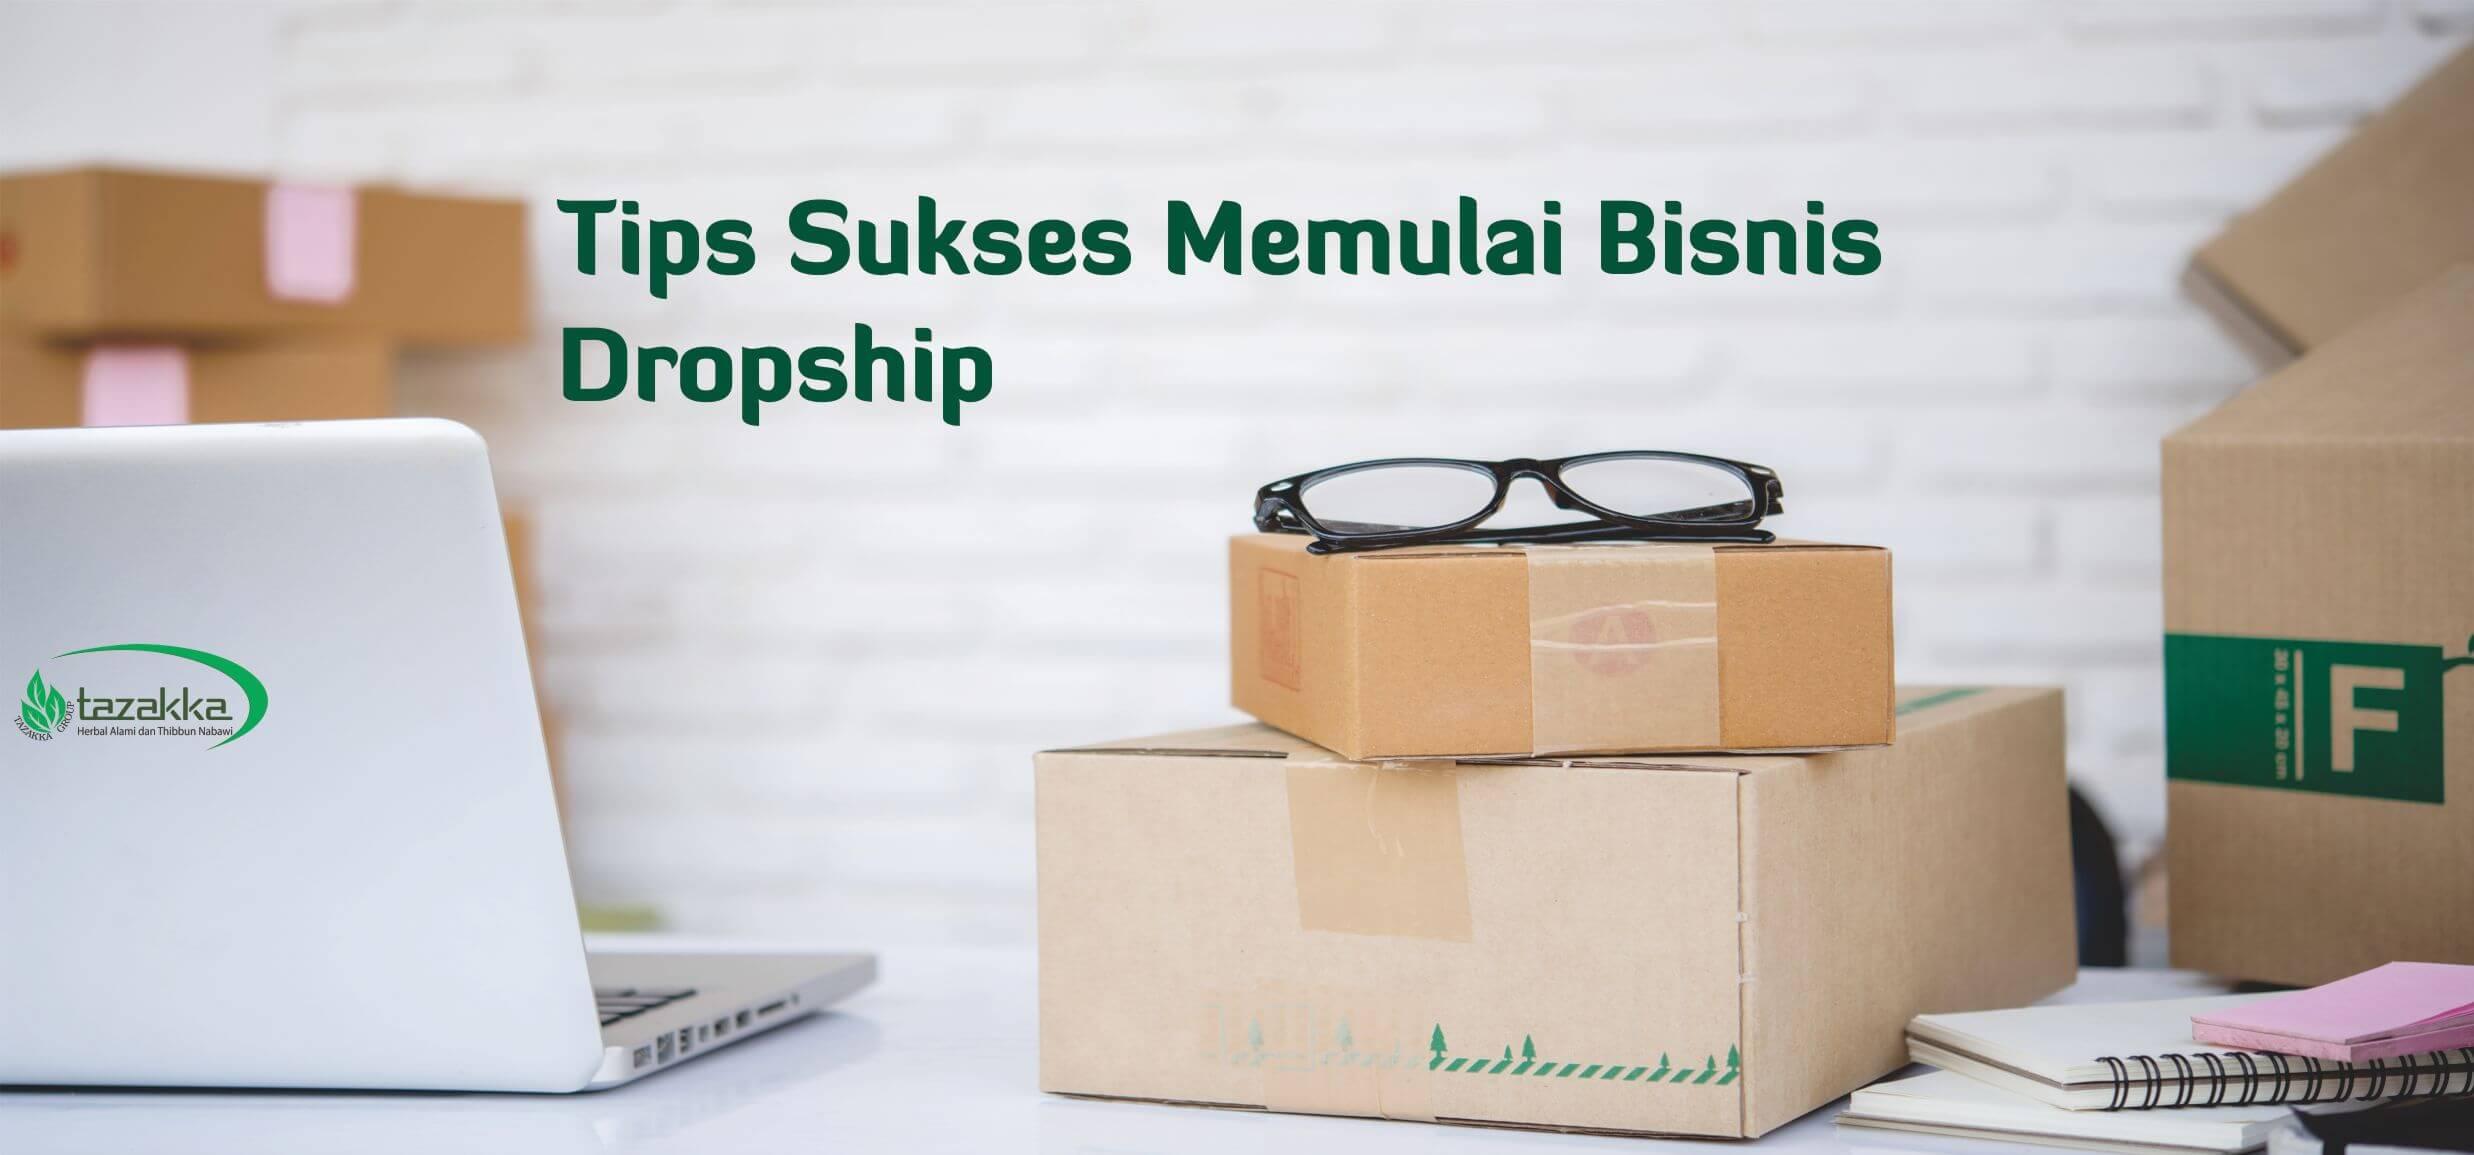 Tips Memulai Bisnis Online Tanpa Modal Dropship Bagi Pemula